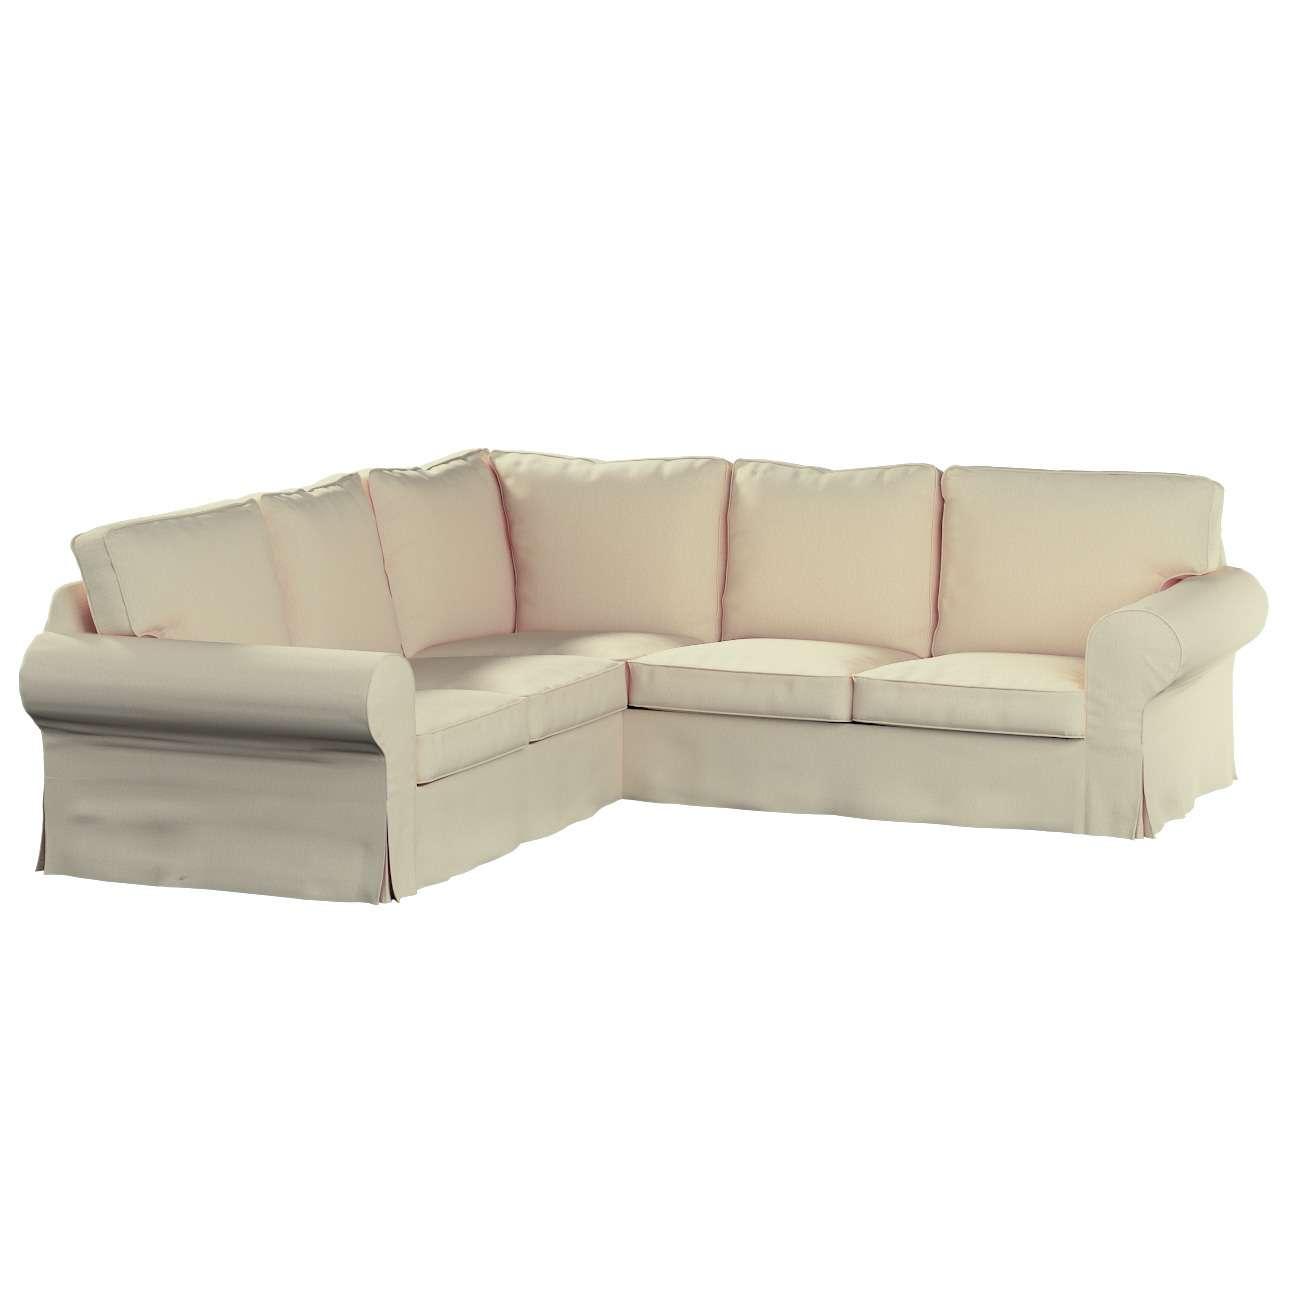 Pokrowiec na sofę Ektorp narożną Sofa Ektorp narożna w kolekcji Chenille, tkanina: 702-22